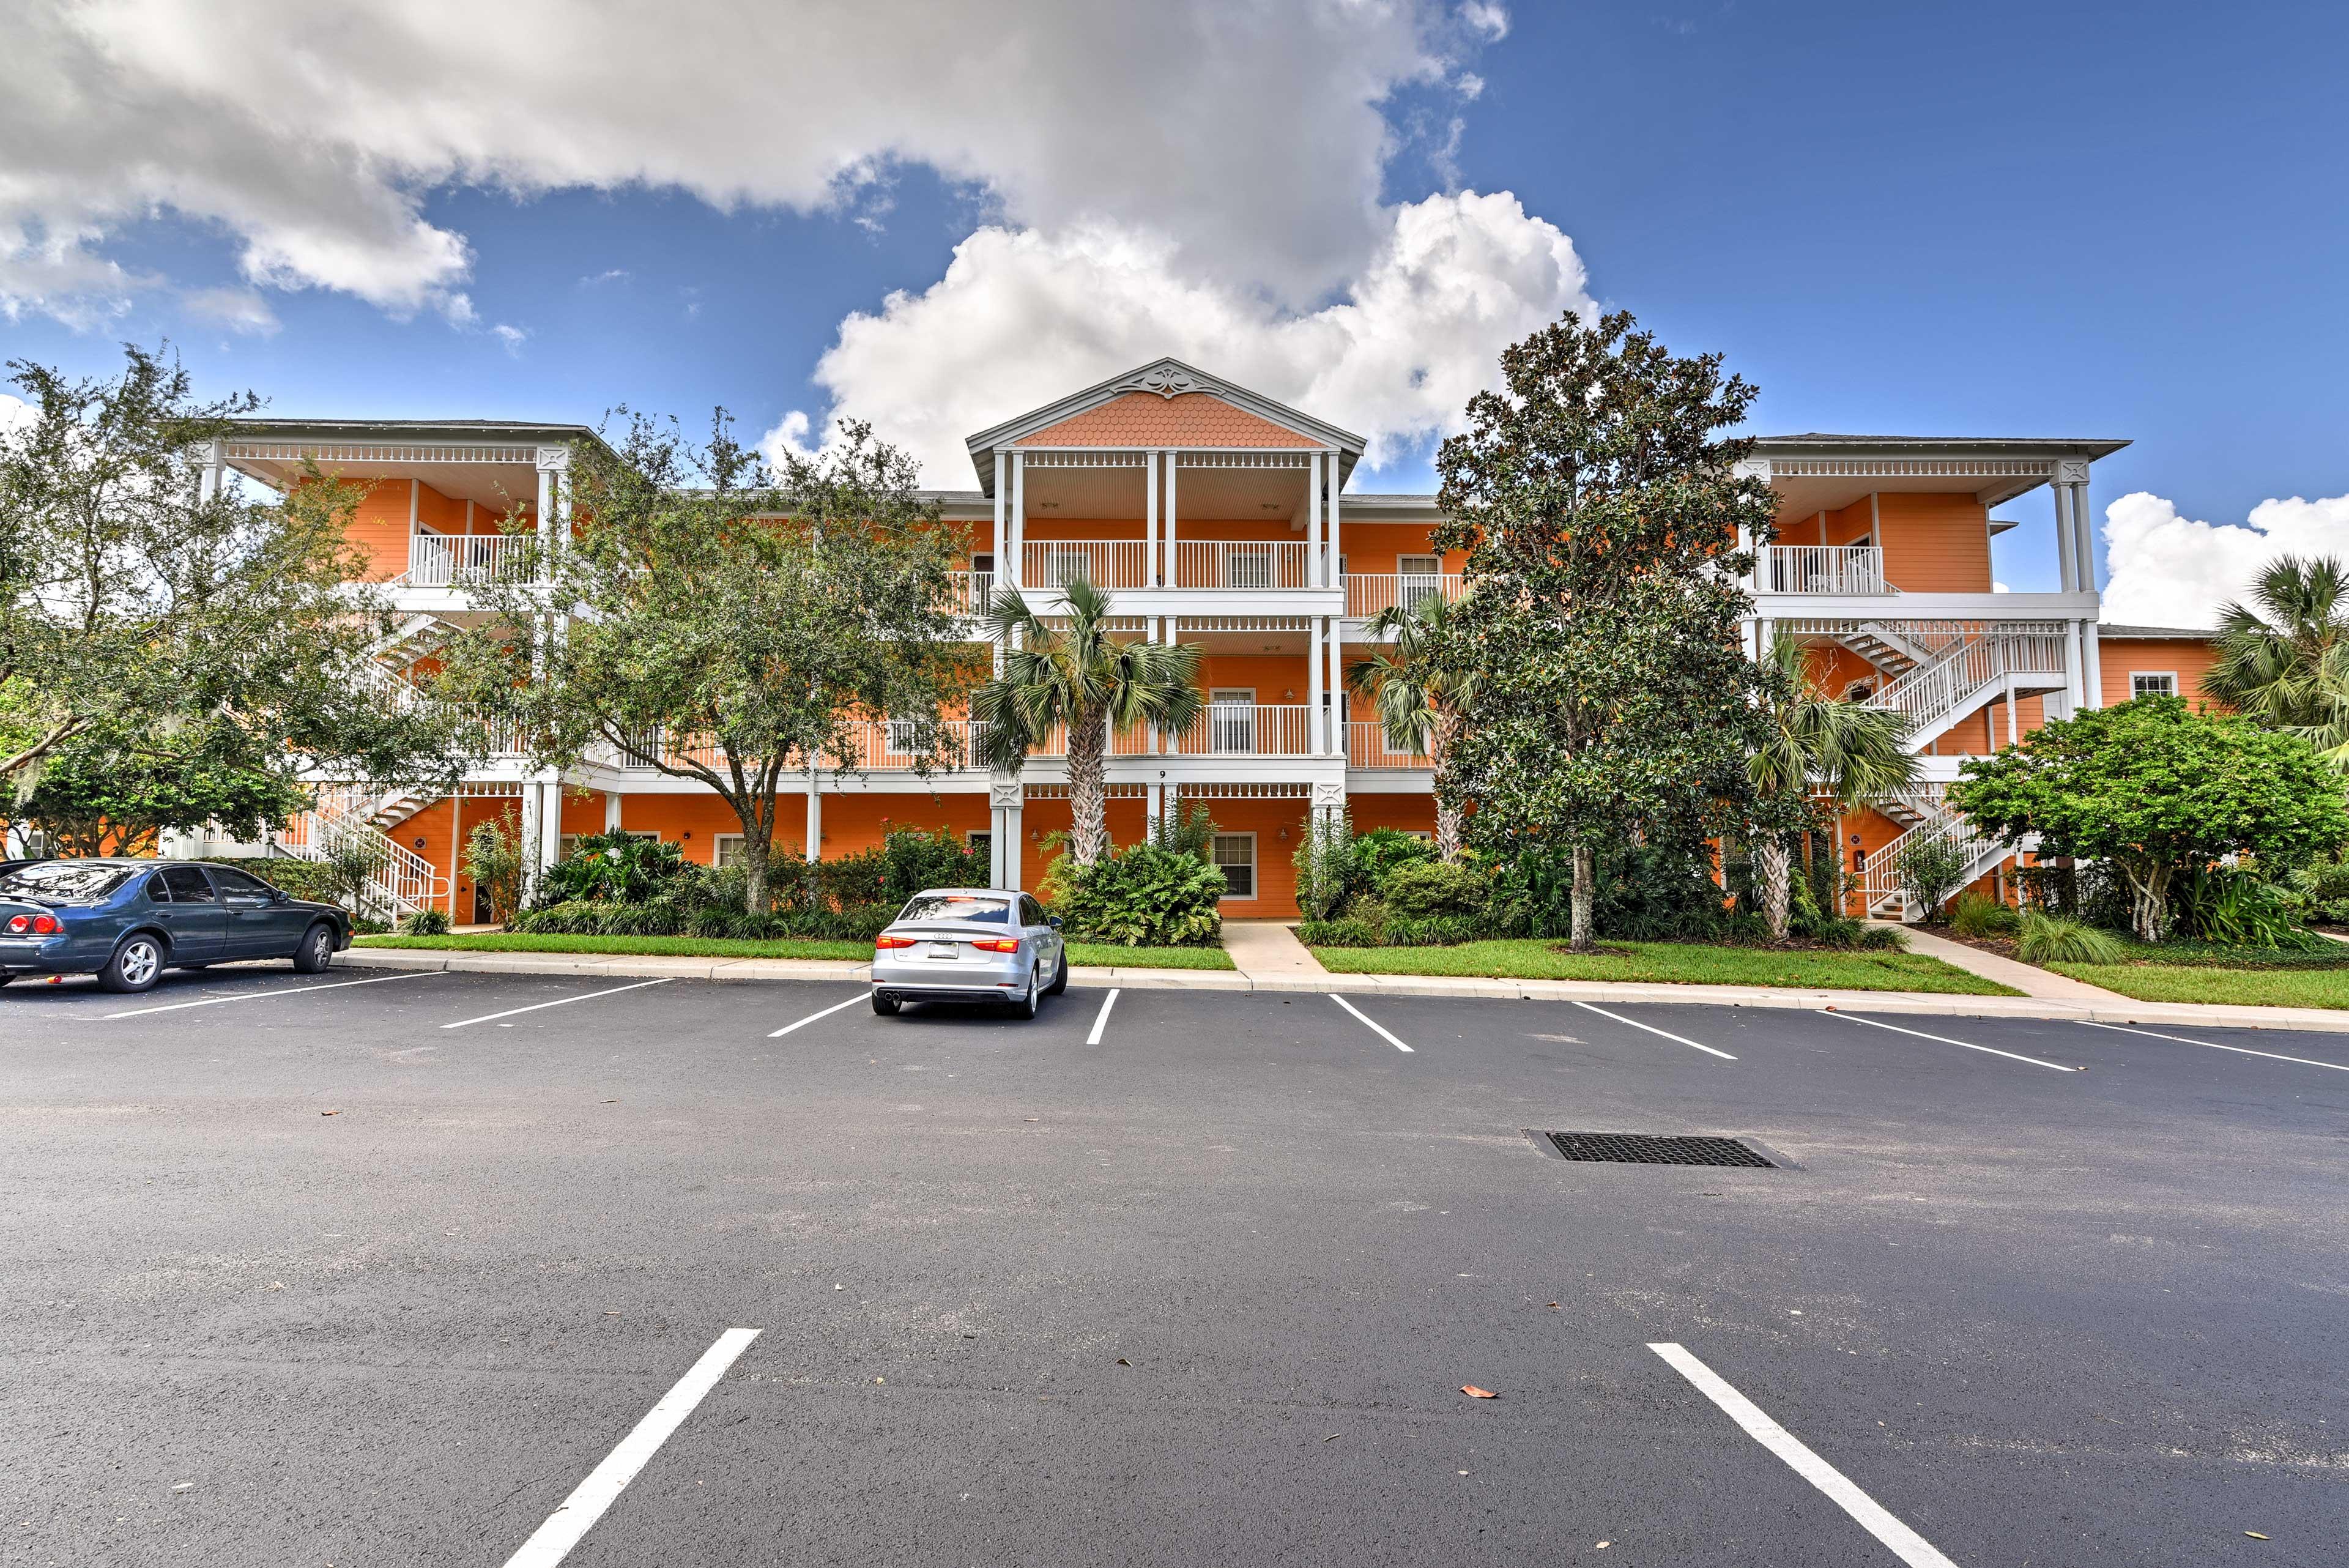 Building Exterior   3rd Floor Unit   Community Parking Lot (2 Vehicles)